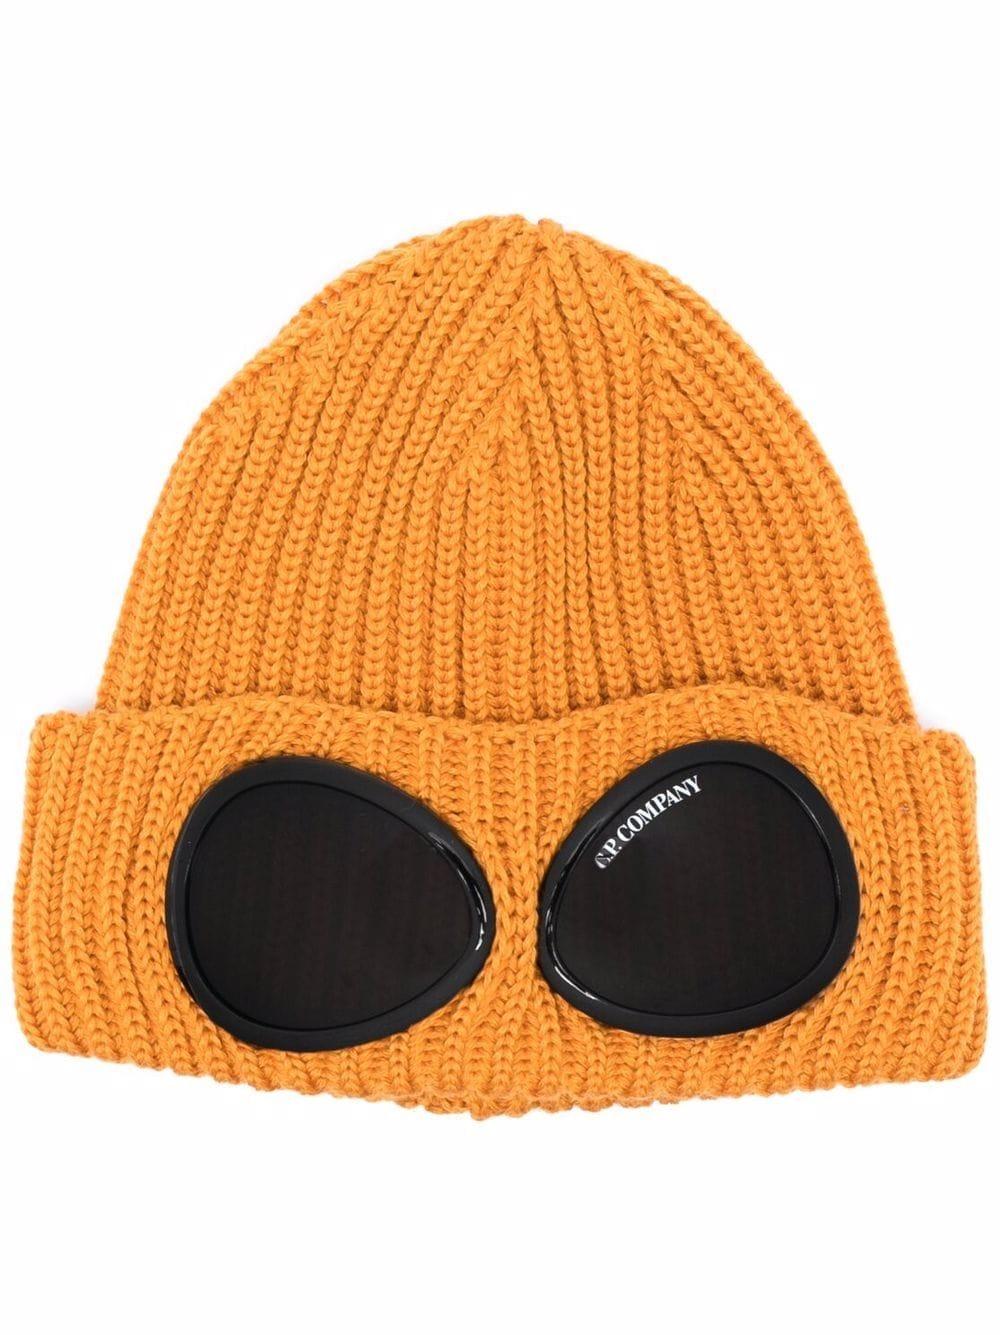 cappello con applicazioni uomo arancione in lana C.P. COMPANY | Cappelli | 11CMAC122A005509A436